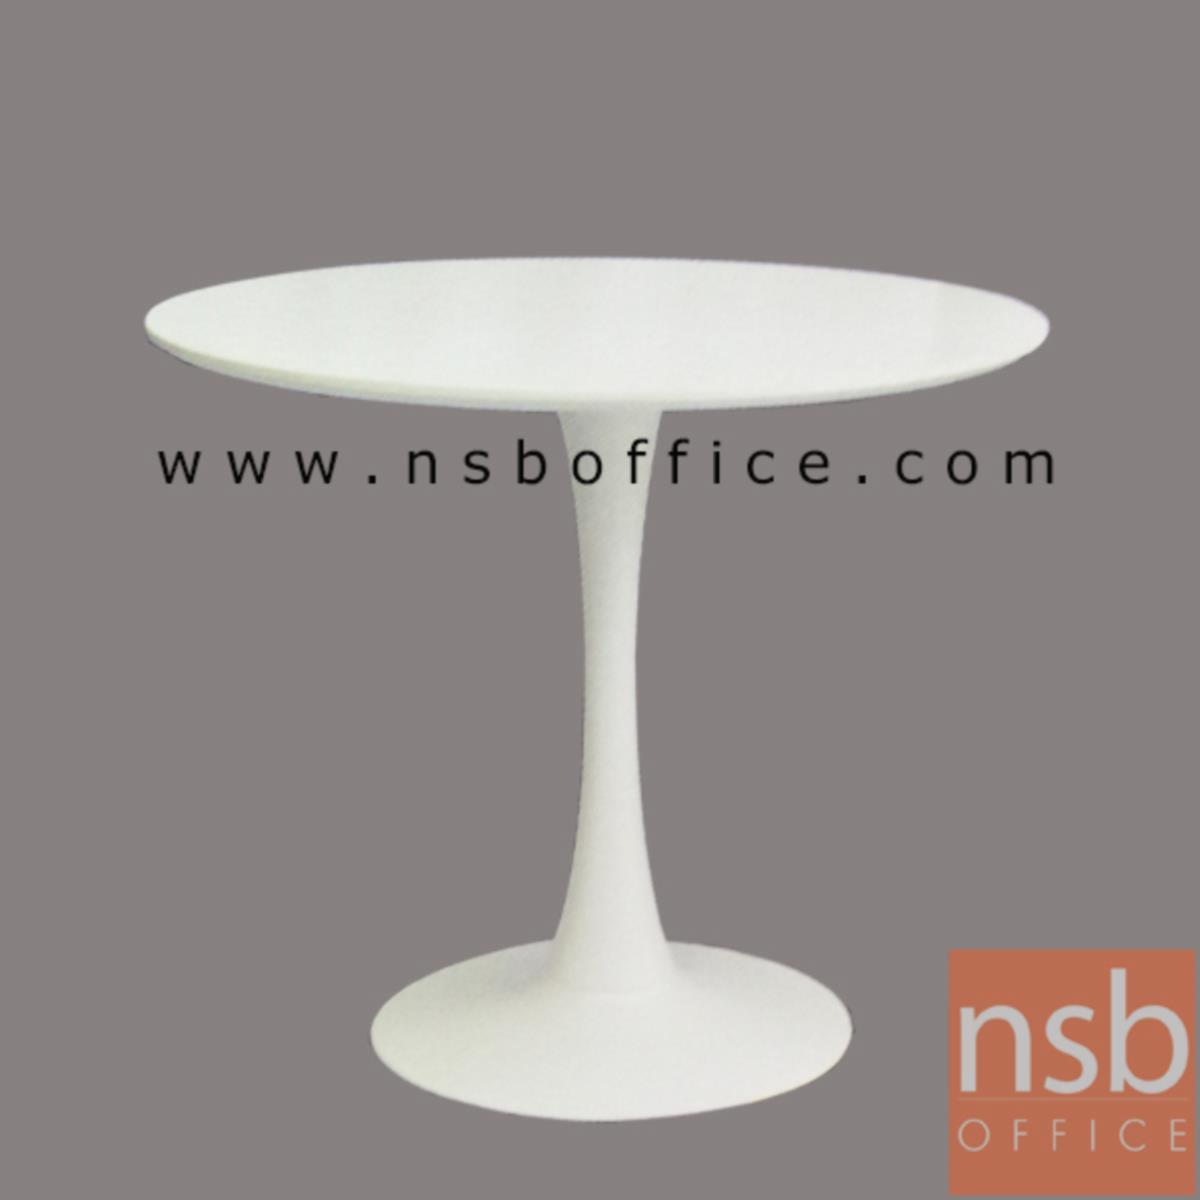 โต๊ะหน้าพลาสติก รุ่น Jadeen (จาดีน) ขนาด 80Di cm.  ขาพลาสติกล้วน(PP)